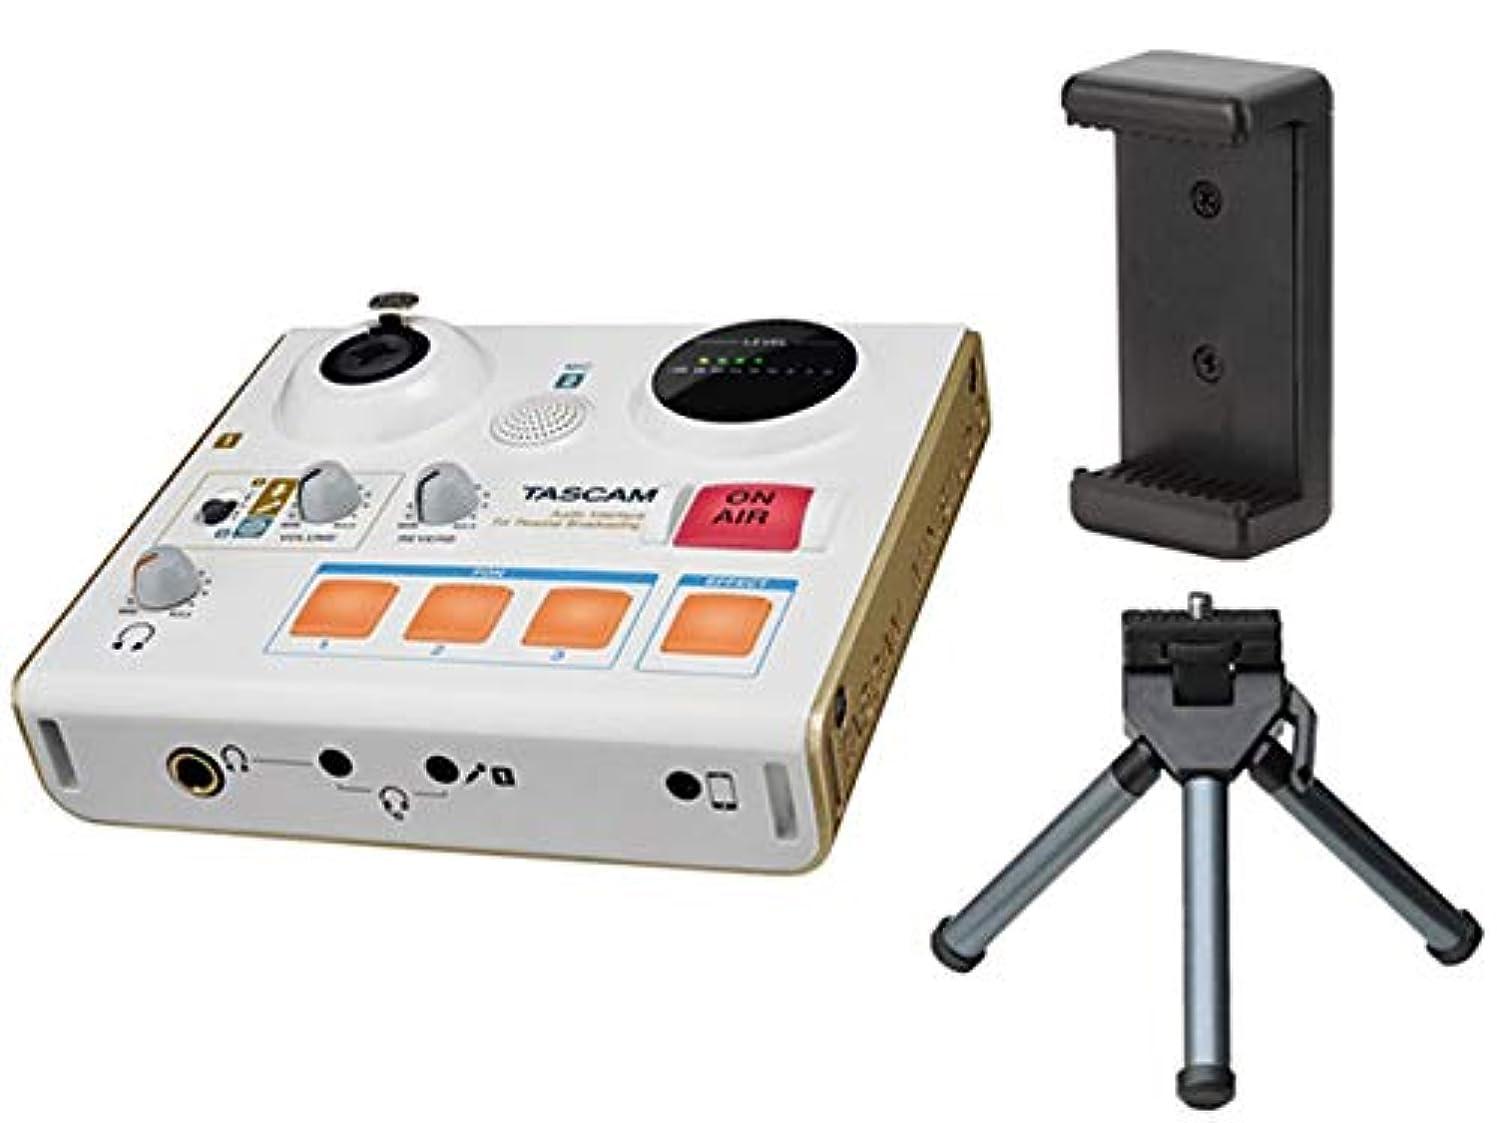 入浴数学群れTASCAM (タスカム) 家庭用放送機器 USBオーディオインターフェース MiNiSTUDIO PERSONAL US-32W スマホ配信グッズセット